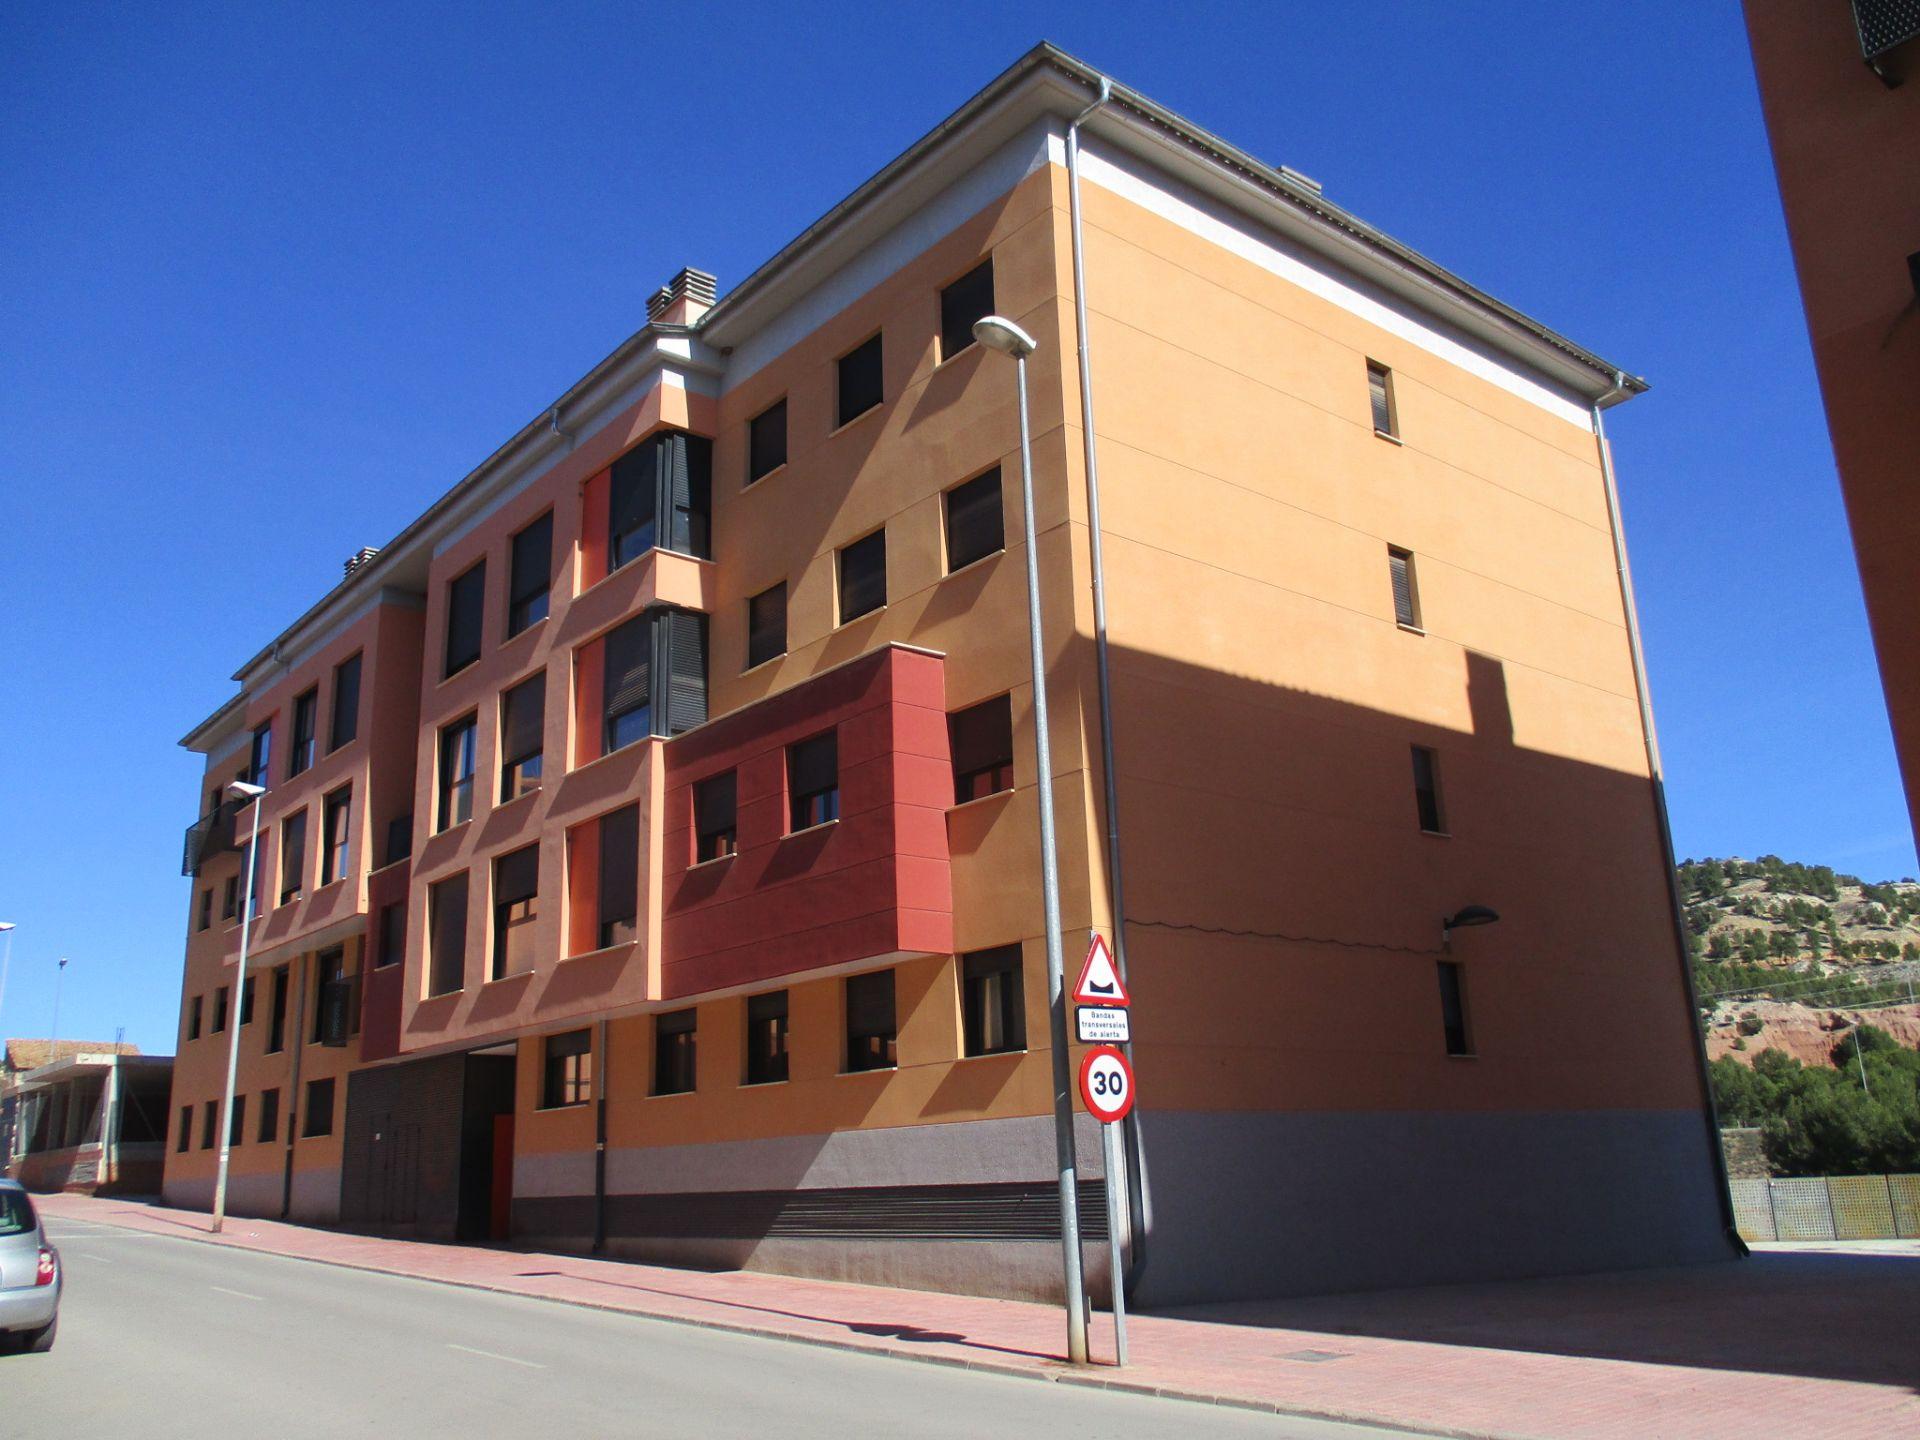 Piso en Teruel, Arrabal, venta